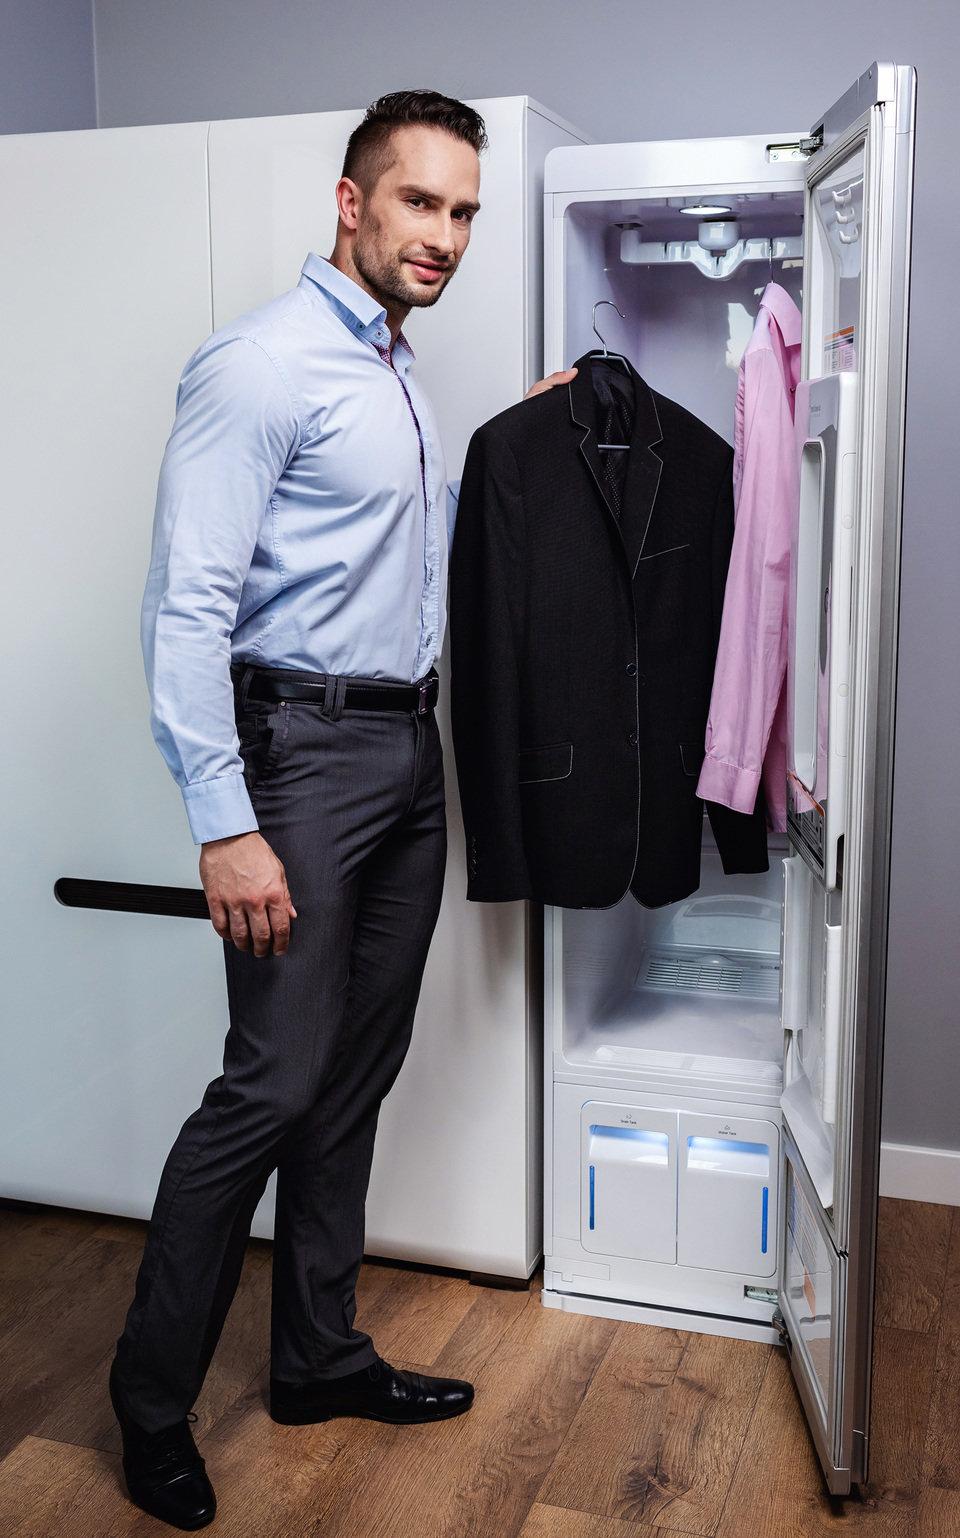 LG Styler odświeży zarówno koszulę lub marynarkę jak i ubrania czy obuwie treningowe